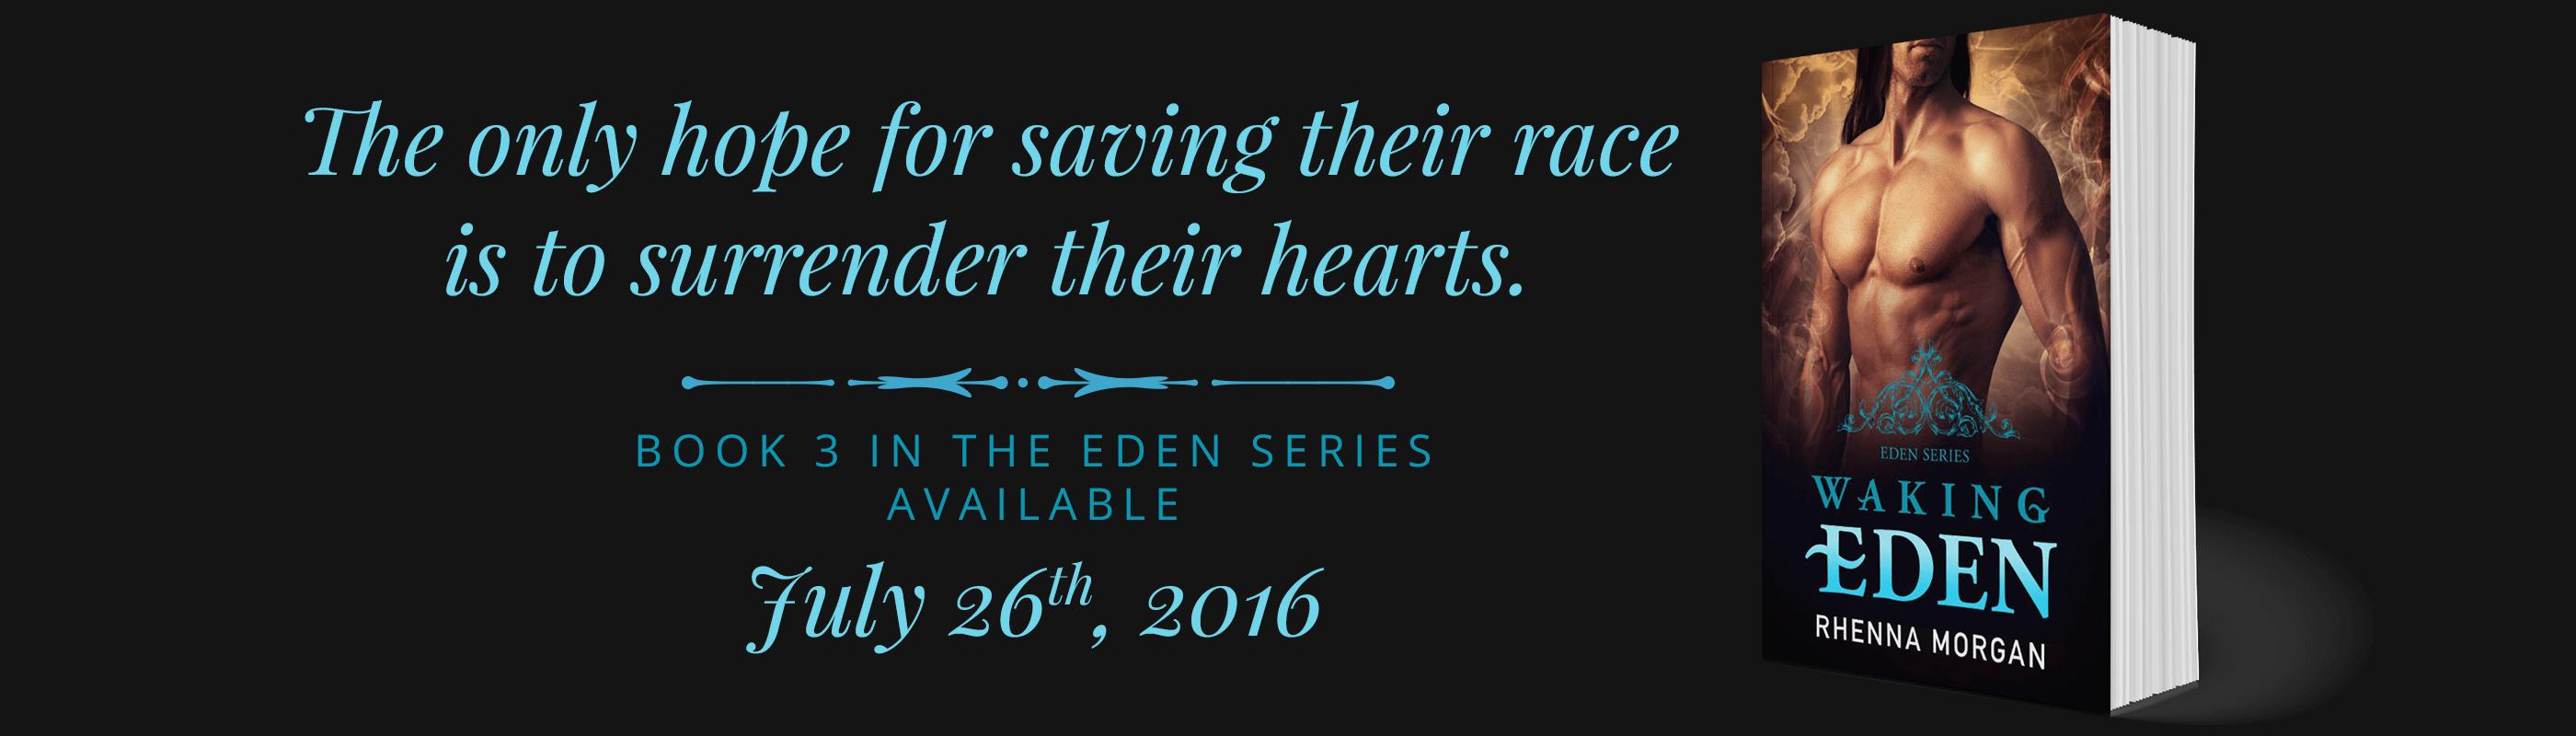 Waking Eden, Book 3 in the Eden Series by Rhenna Morgan